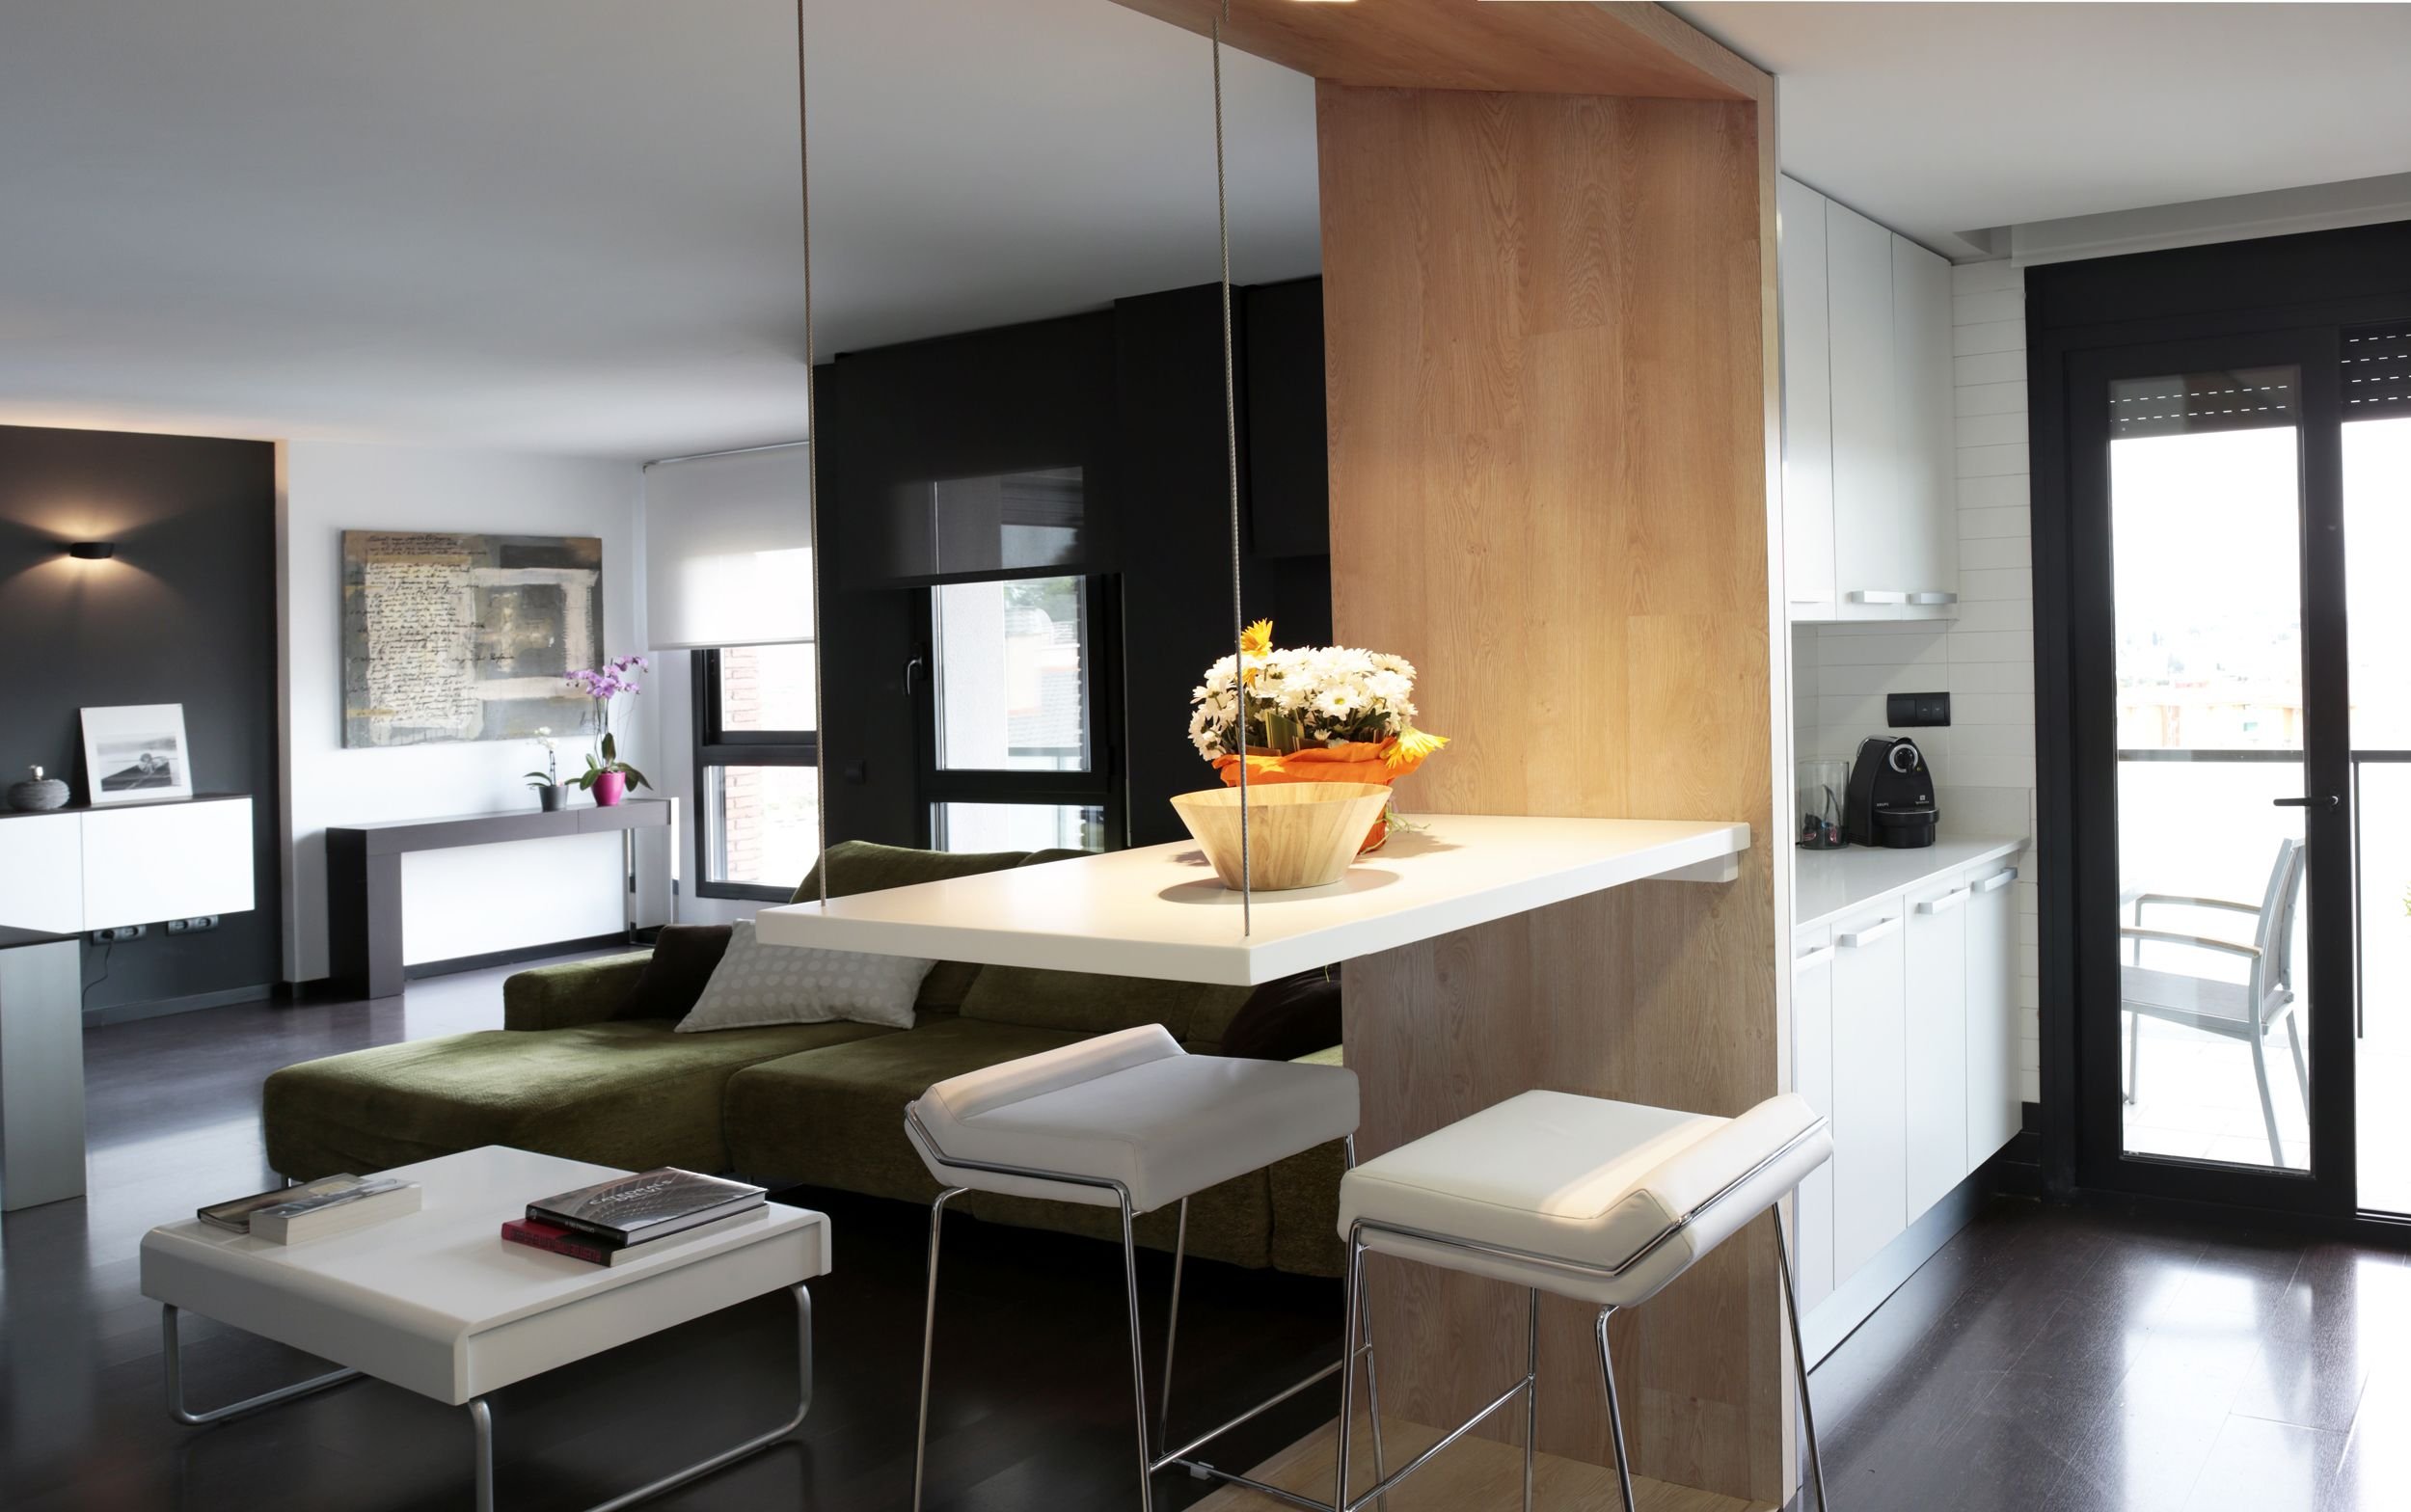 Ideas de #Decoracion de #Comedor, #Cocina, estilo #Contemporaneo ...